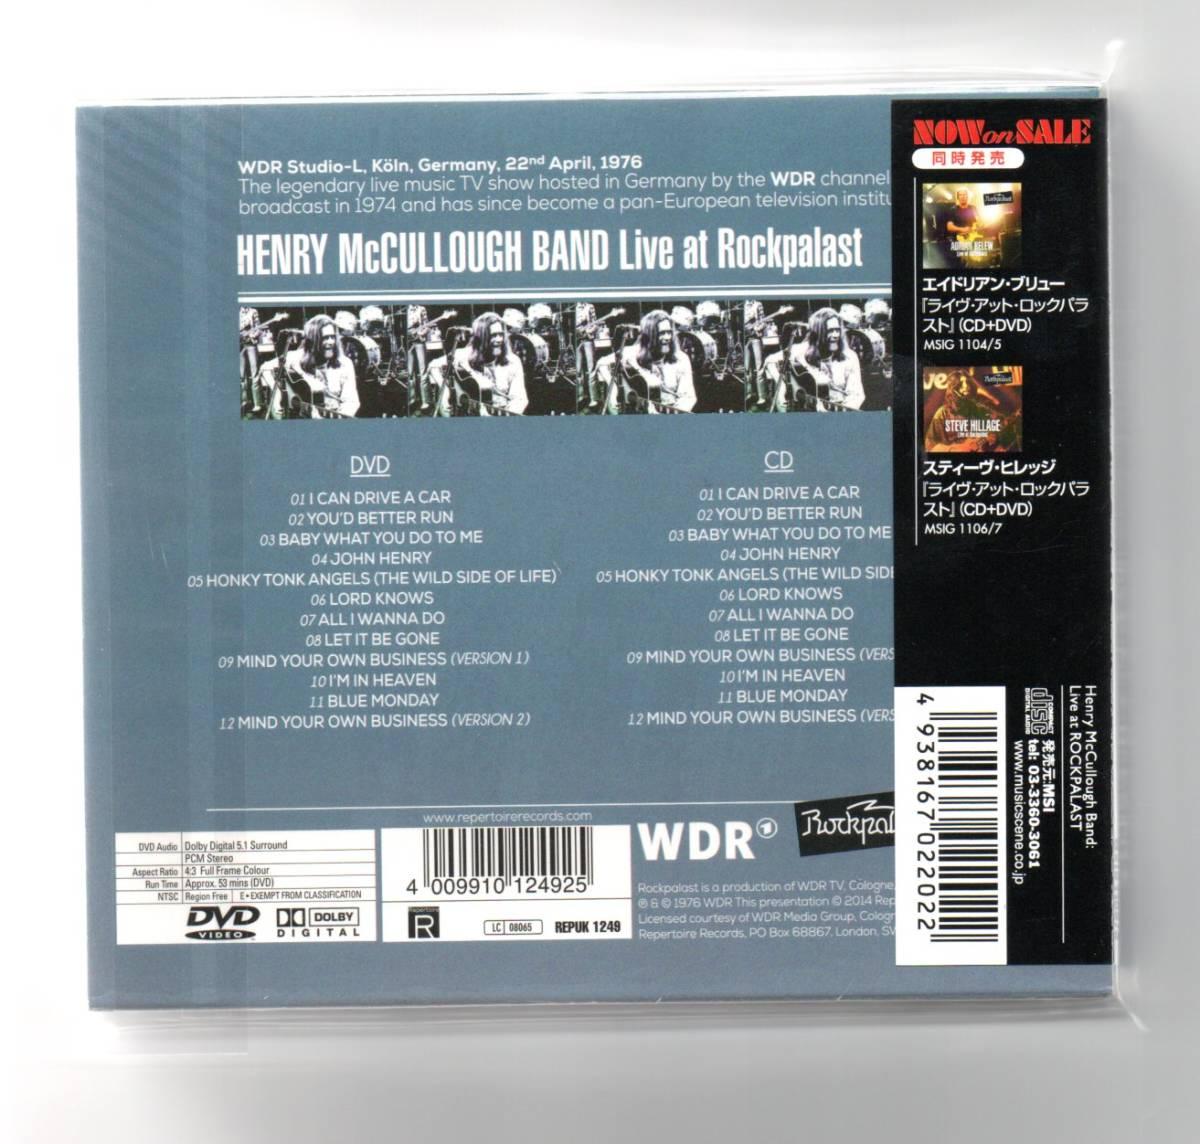 ヘンリー・マッカロック Henry McCullough / ライヴ・アット・ロックパラスト(CD+DVD) DVDは5.1ch音声を収録 詳細な英文解説の対訳付_画像2